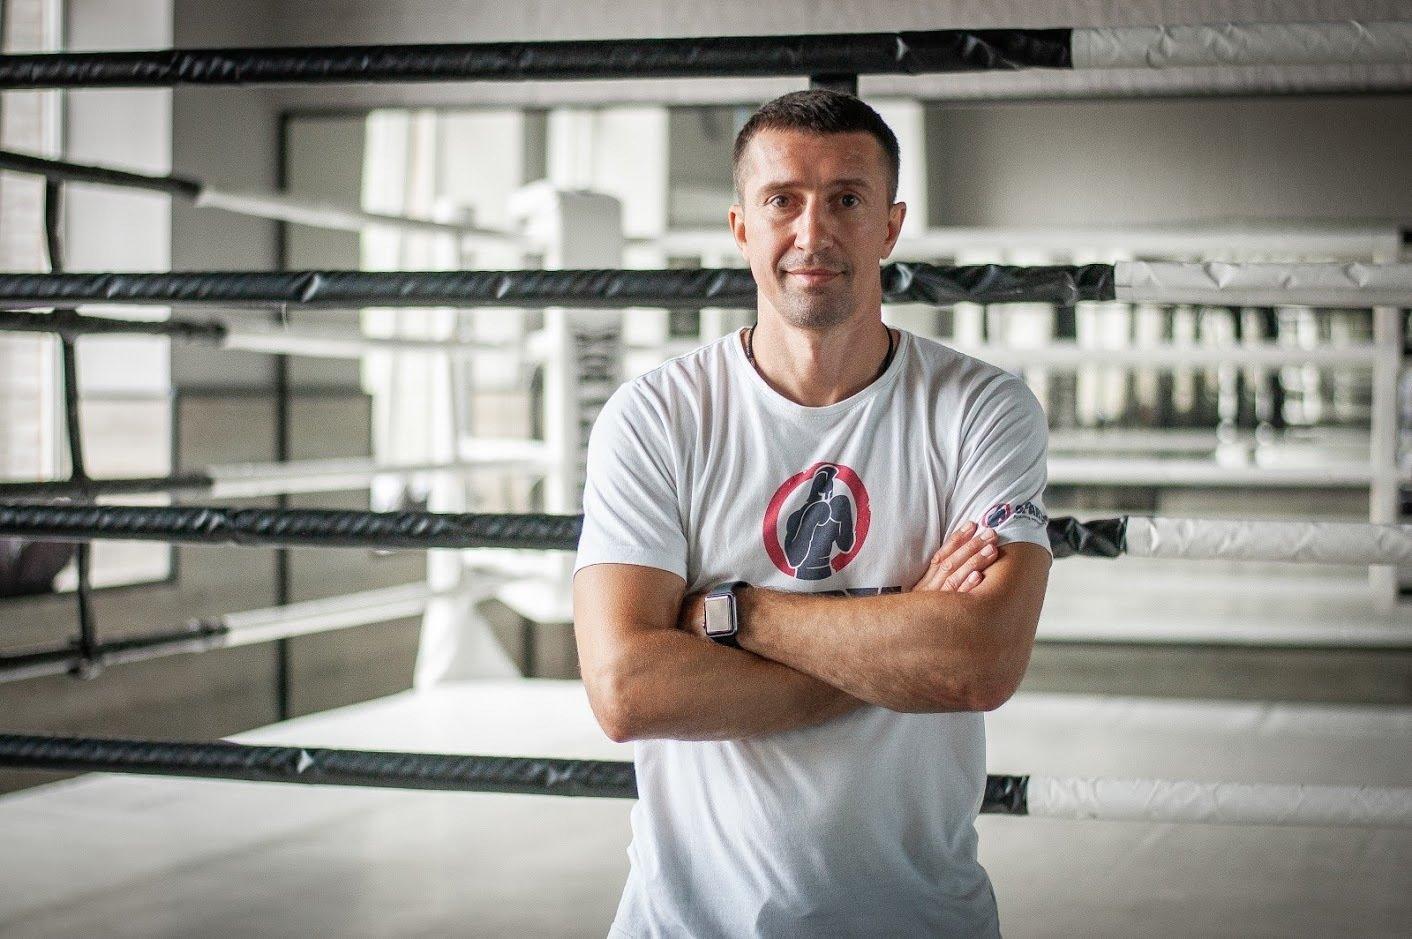 Вячеслав Сенченко: Каждый внутри должен быть чемпионом